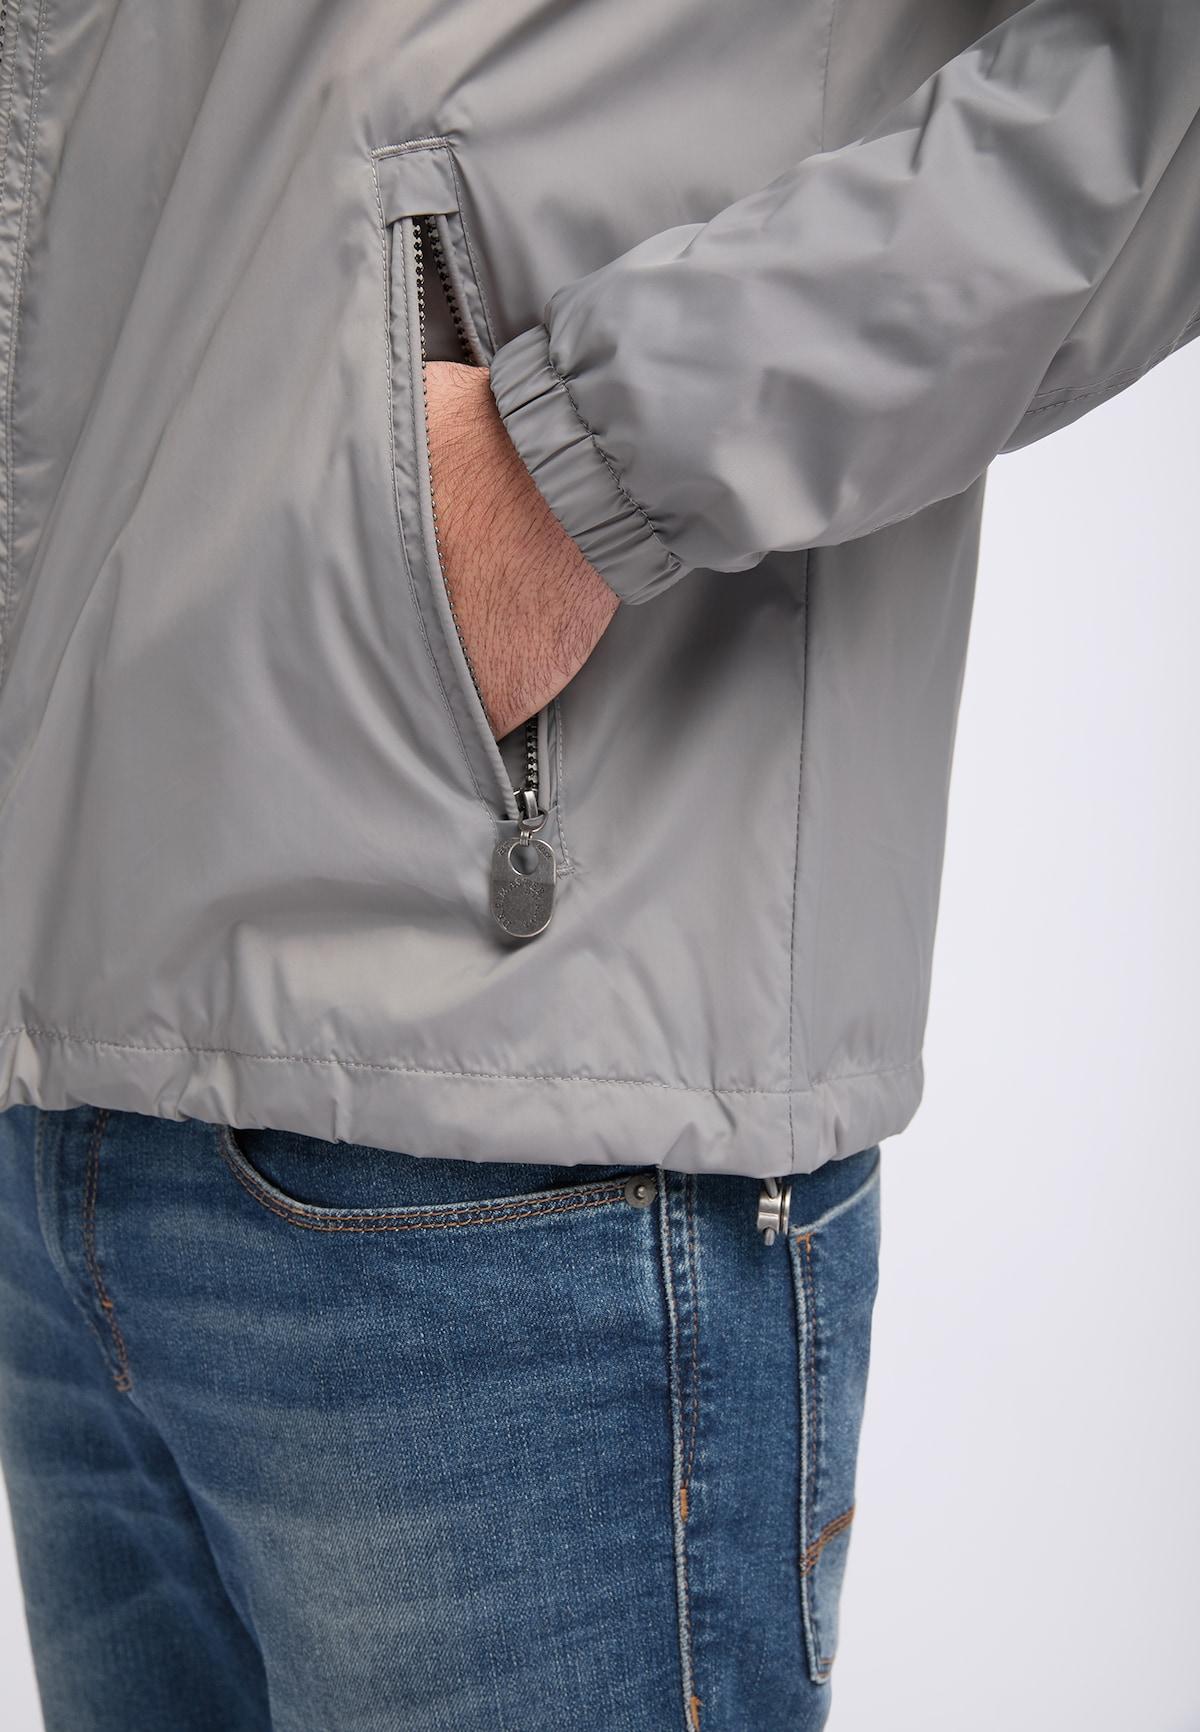 Bestbewertet Männer Bekleidung DREIMASTER Anorak in grau Verkaufsschlager